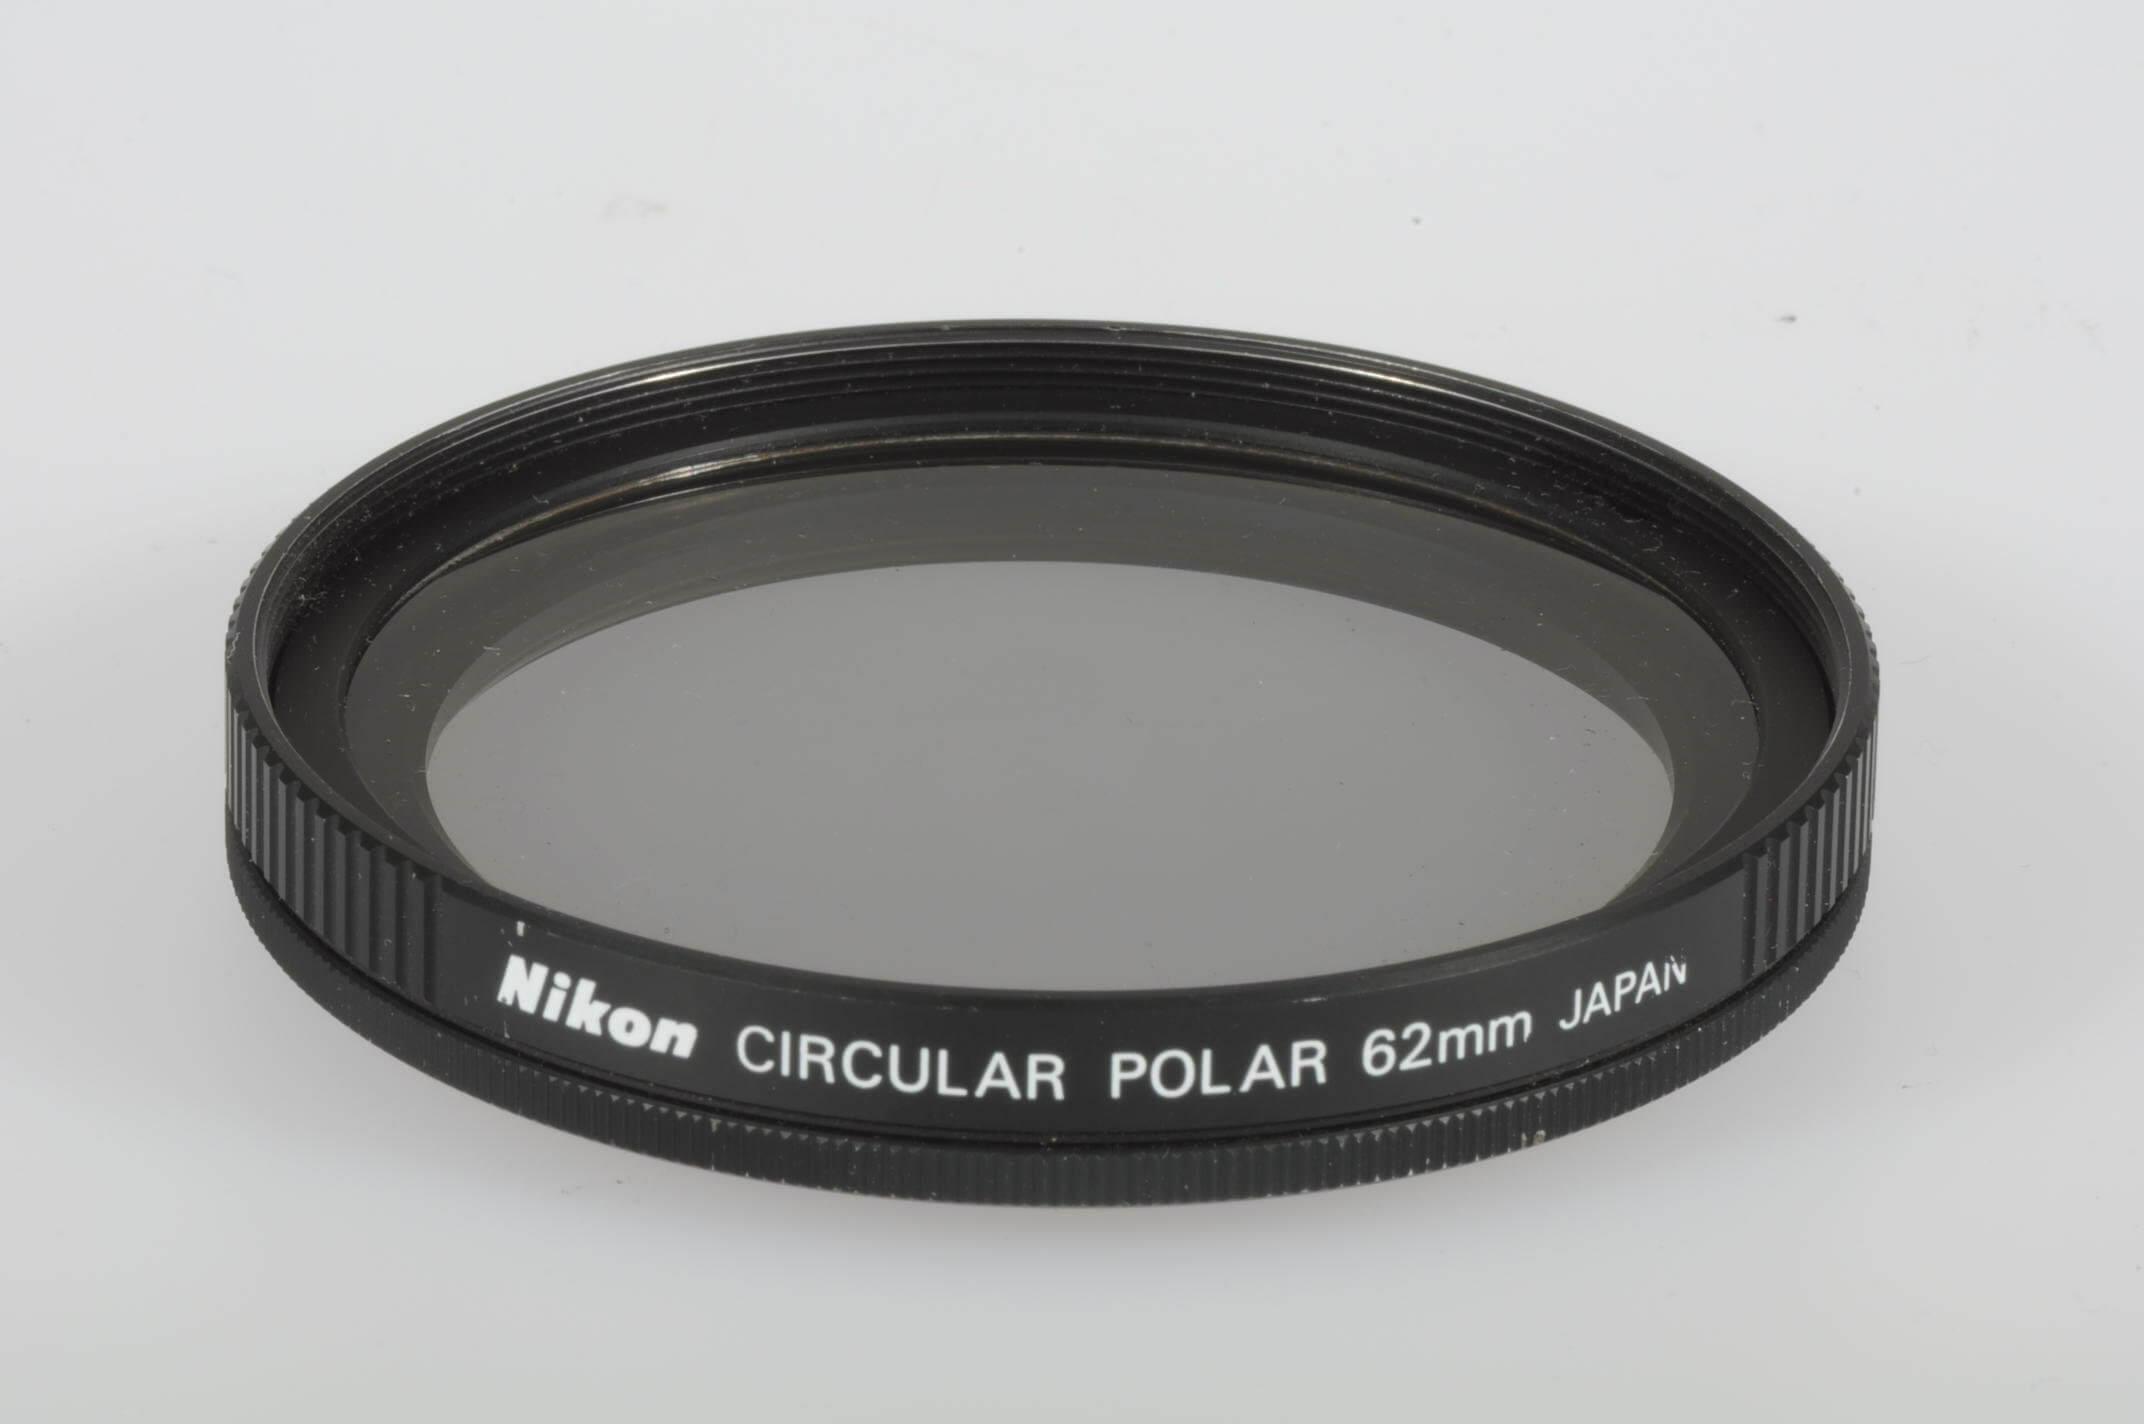 Nikon 62mm circular polarizing filter